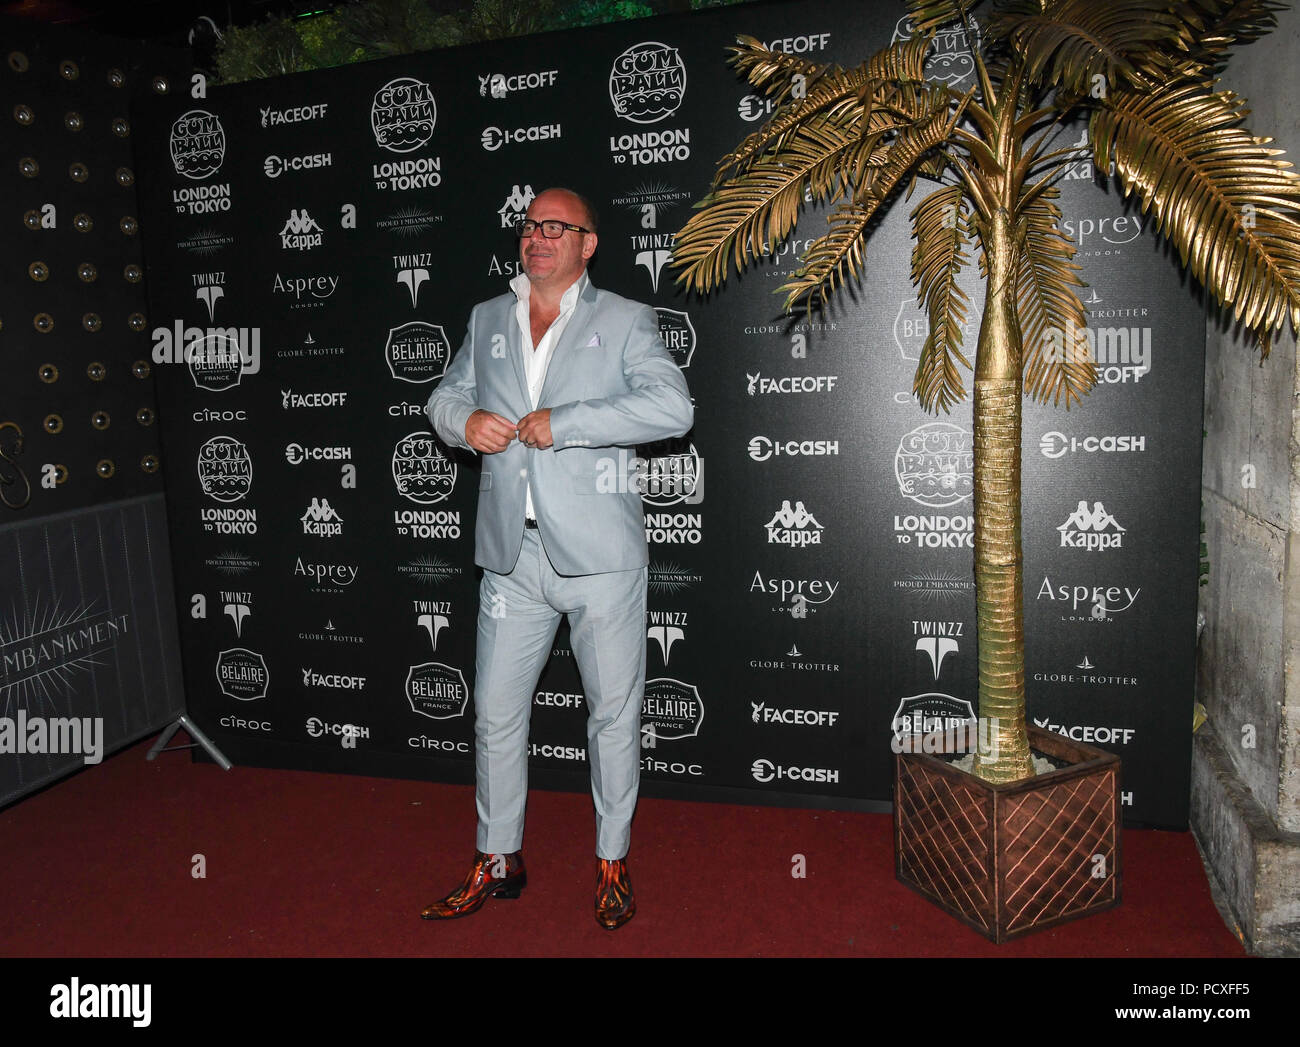 Expo Stands Krzysztof Sobiech : Alexander proud stock photos & alexander proud stock images alamy